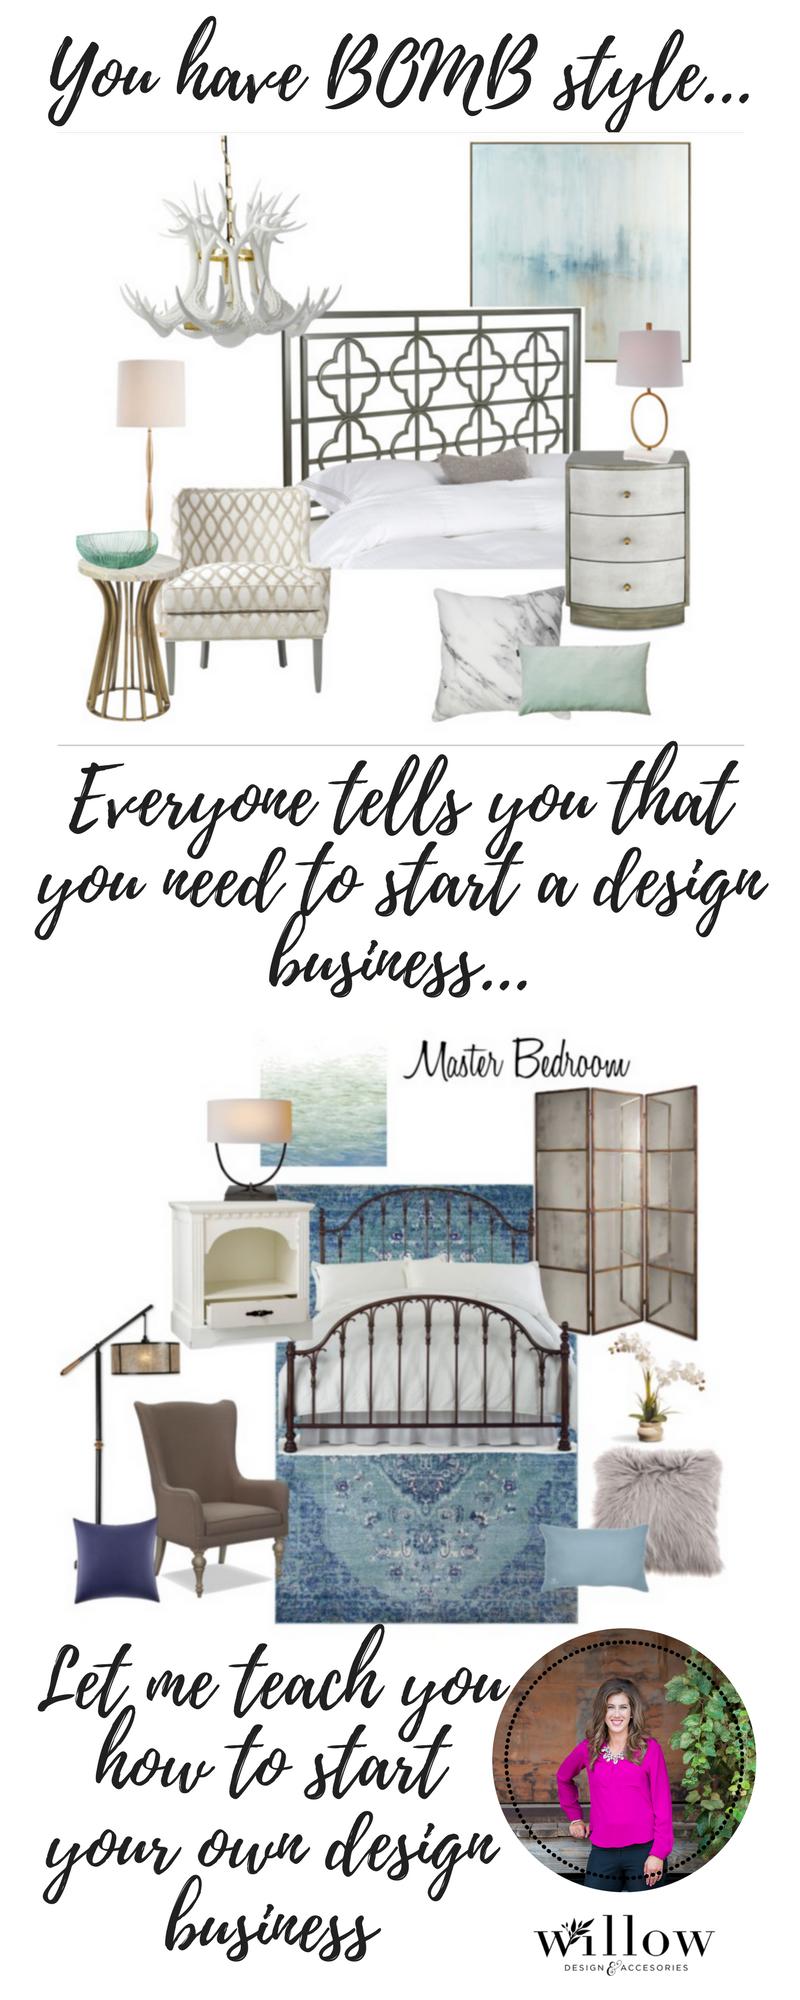 Interior Design Business Guide Interior design business Business